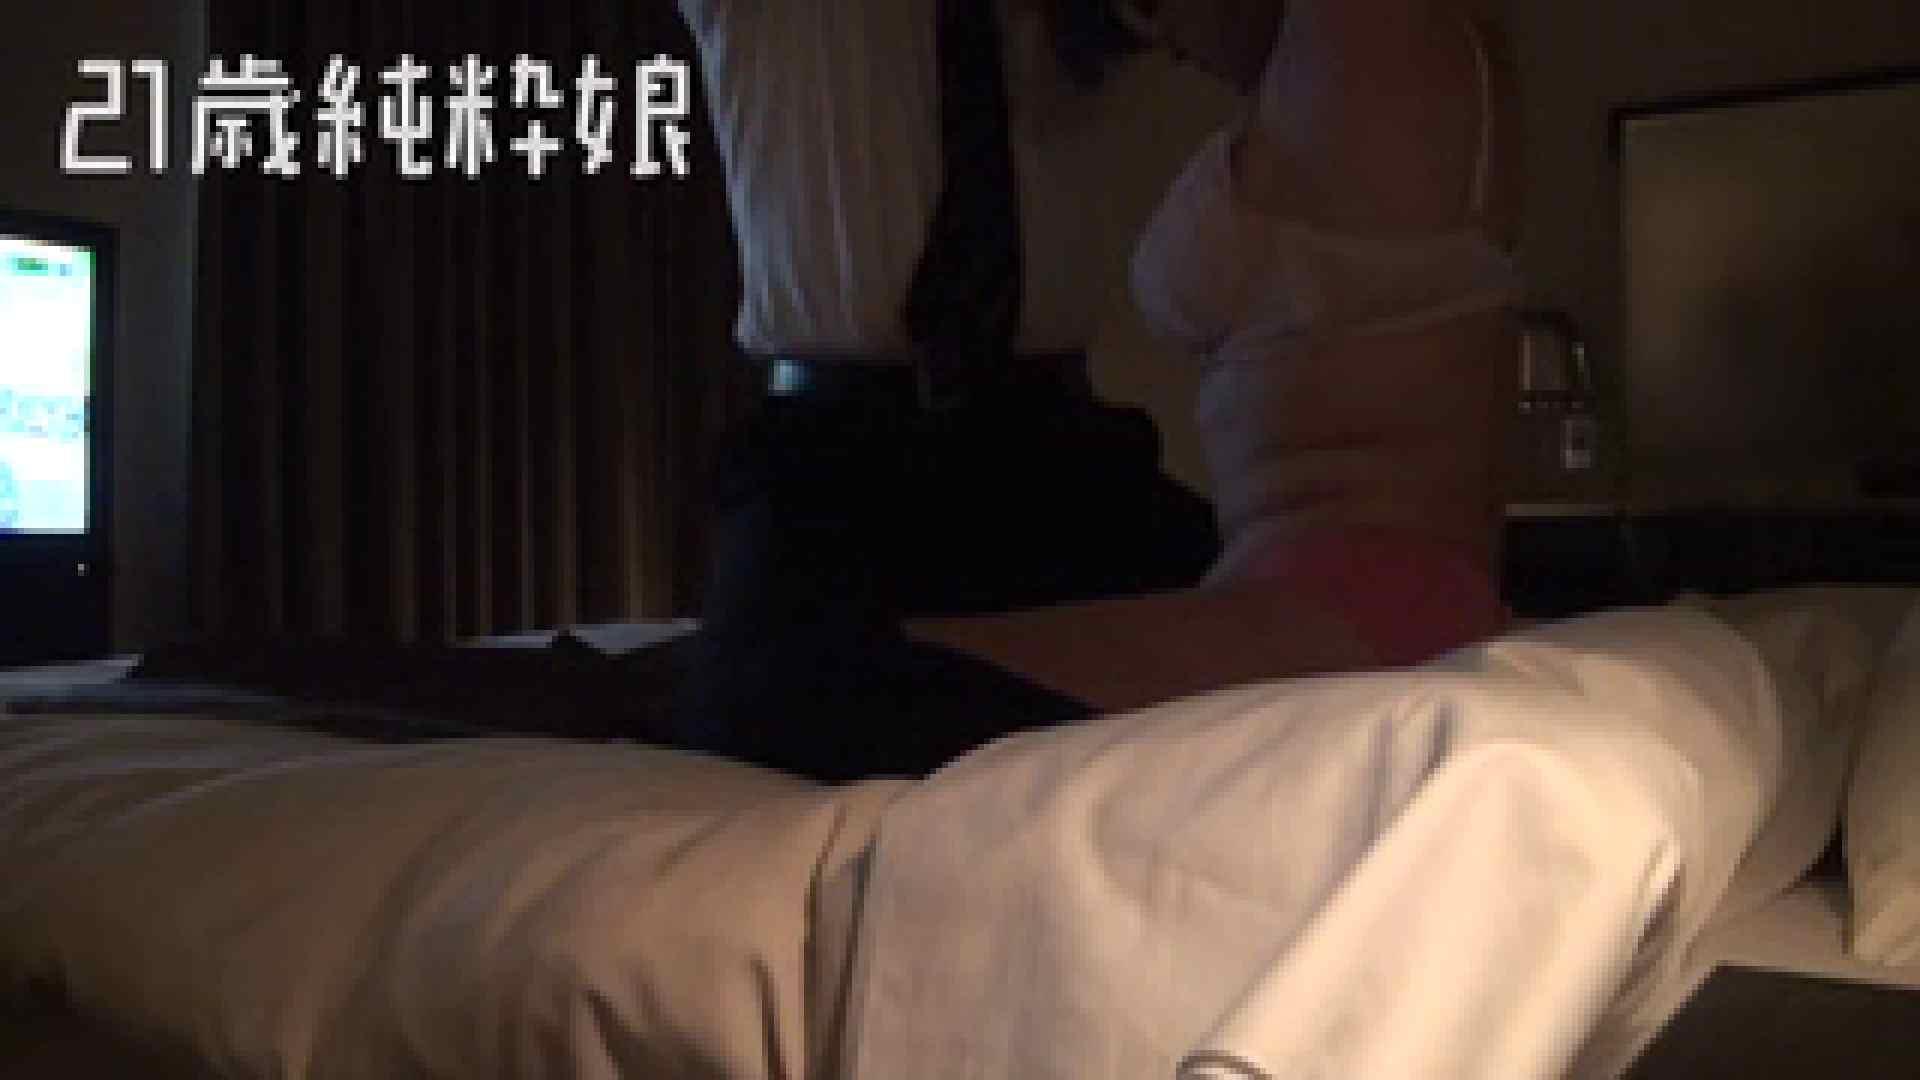 上京したばかりのGカップ21歳純粋嬢を都合の良い女にしてみた4 ホテル | ギャル達のおっぱい  96画像 15